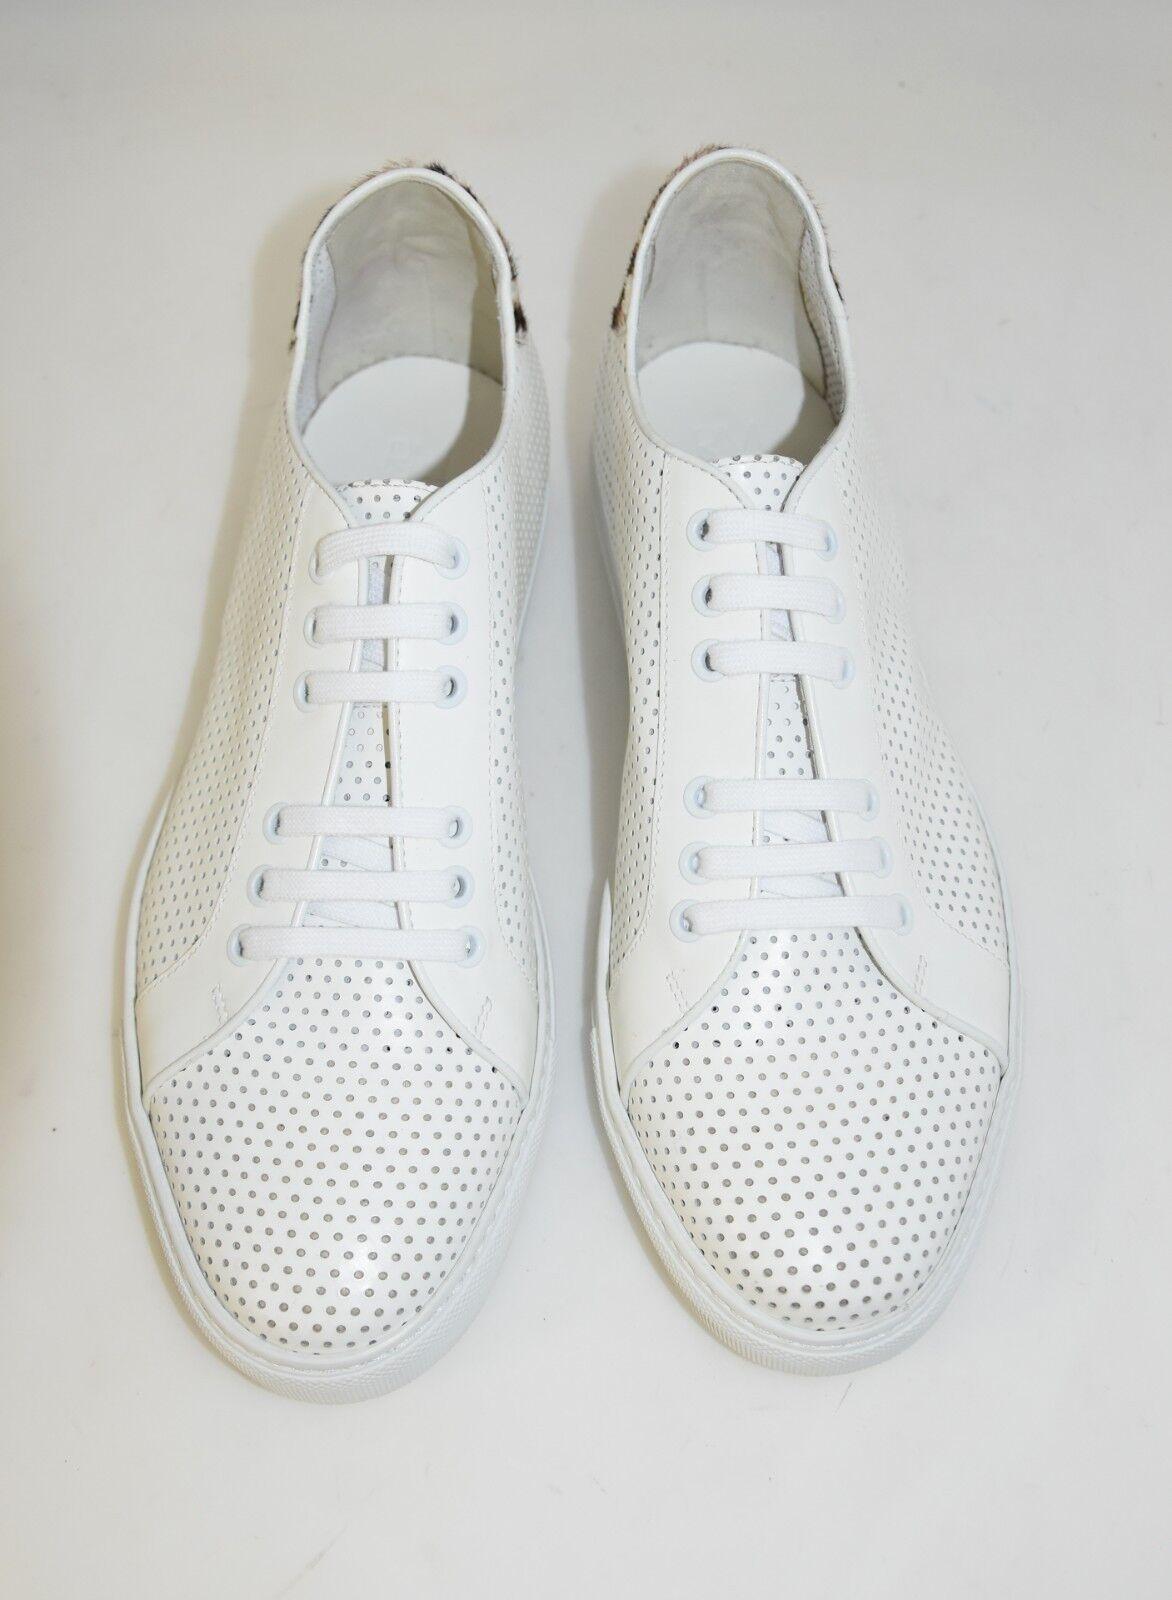 MAN-42eu-8eu-9usa-SNEAKER-WHITE - LEATHER - VITELLO BIANCO - MAN-42eu-8eu-9usa-SNEAKER-WHITE RUBBER SOLE acede4